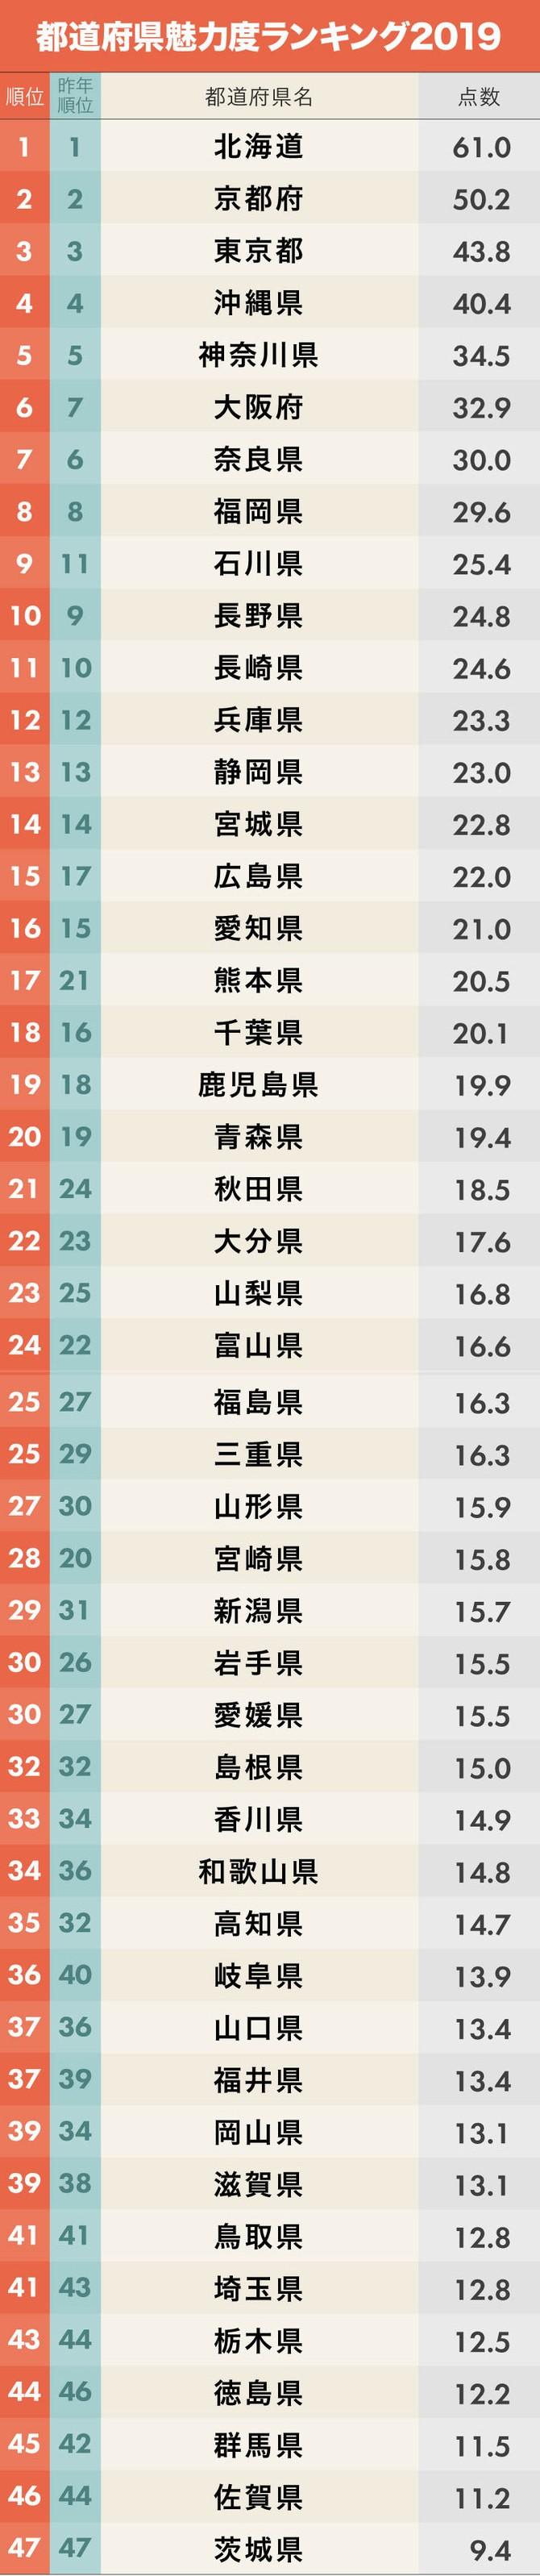 2019年都道府県魅力度ランキング 1位~47位